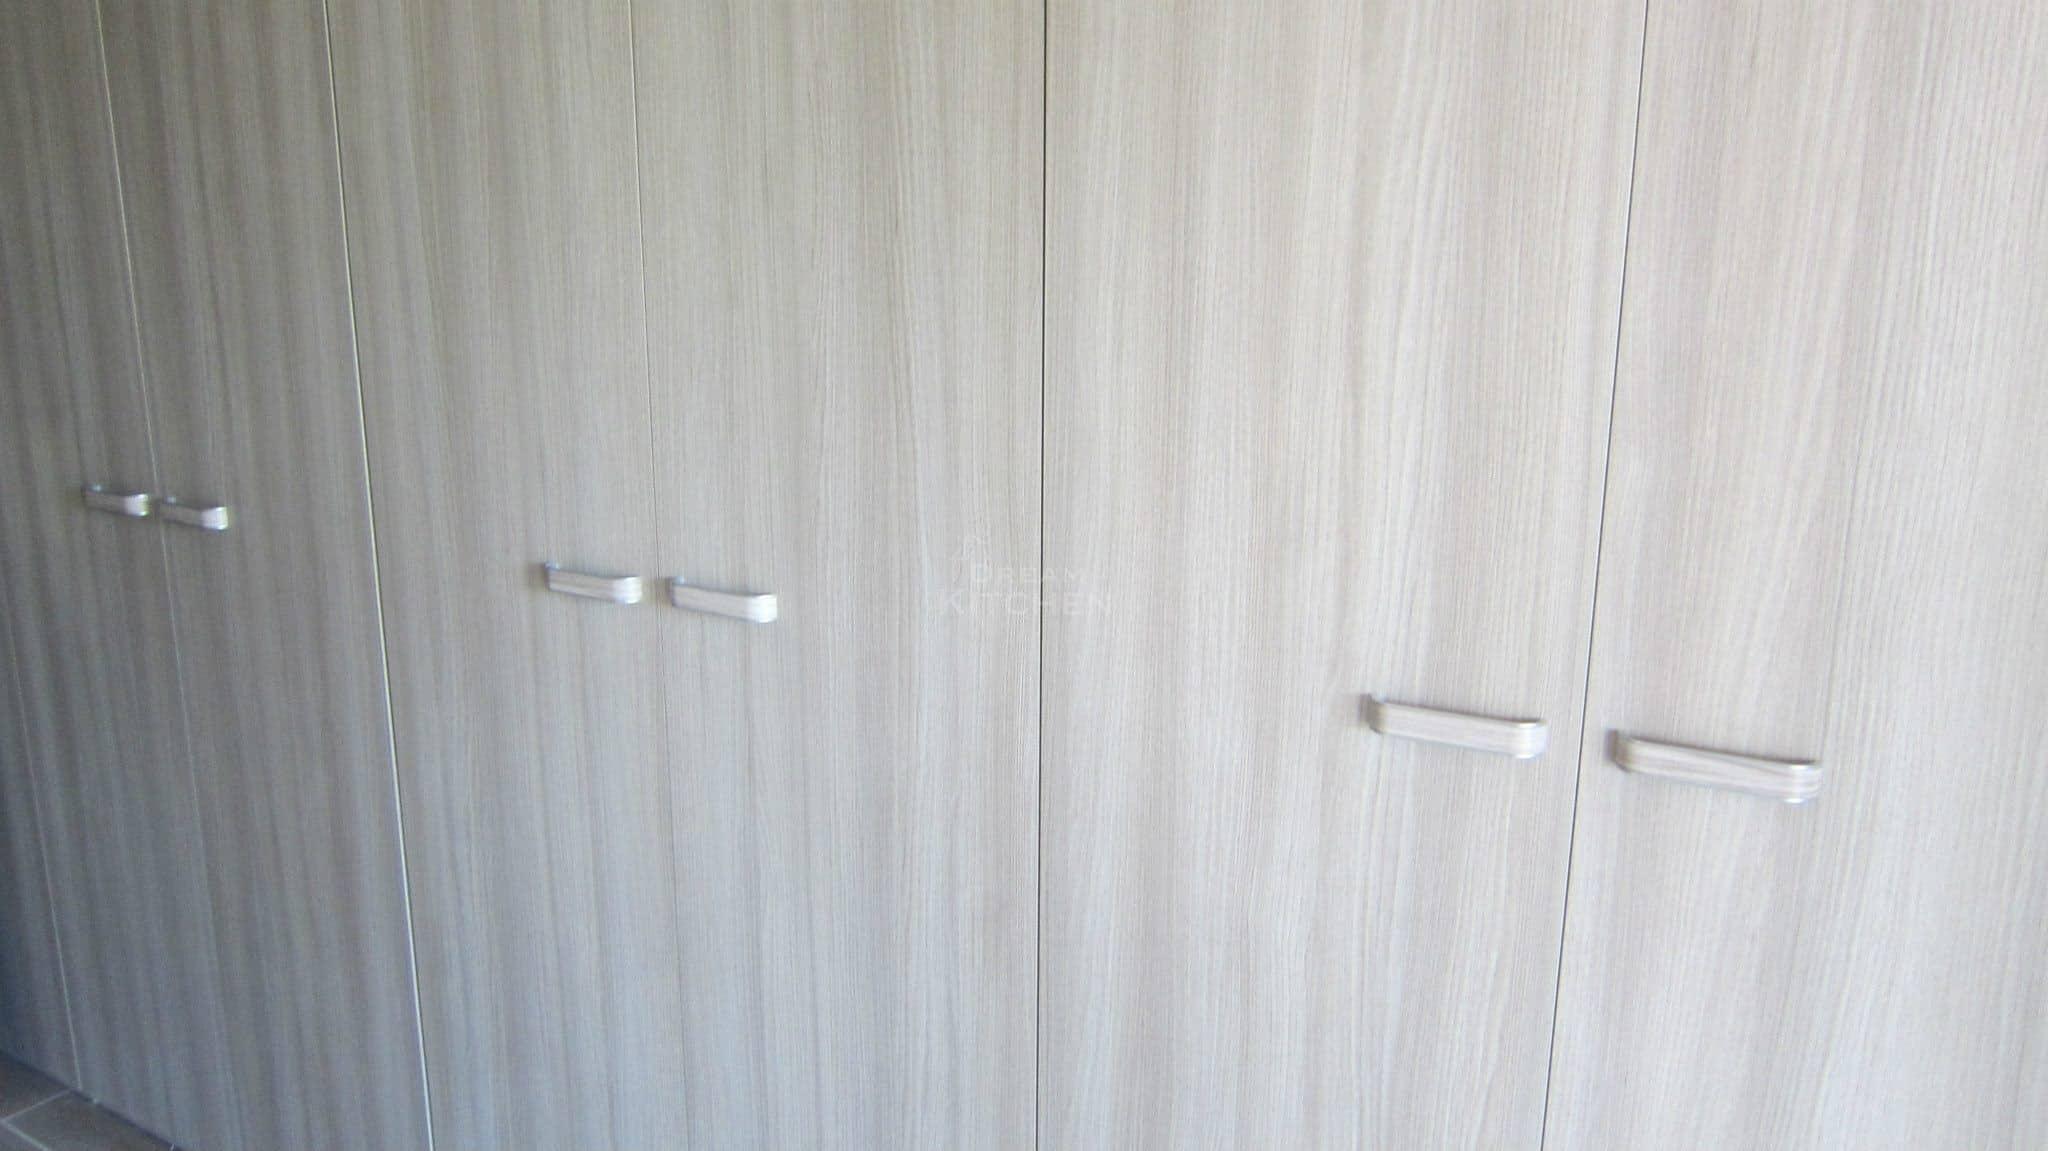 Πλήρης επίπλωση κατοικίας ντουλαπα βακελιτη 24